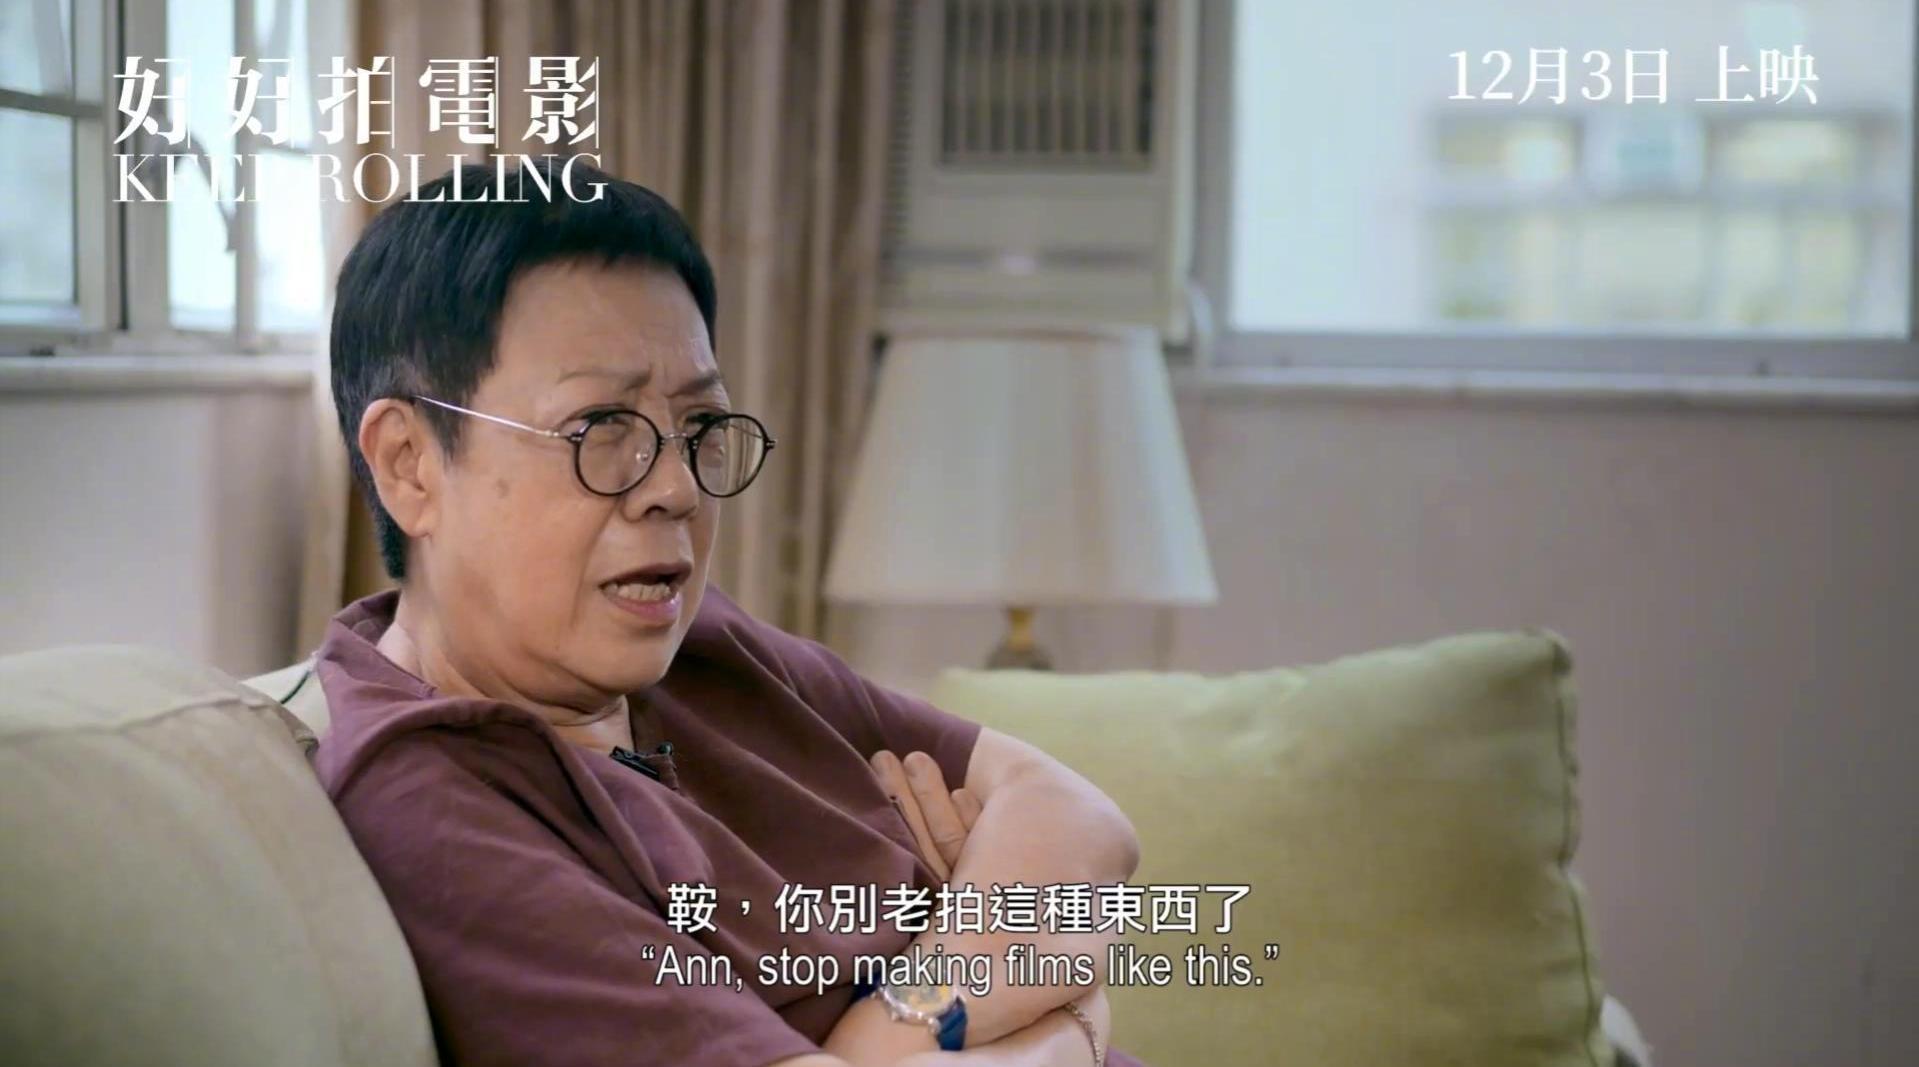 许鞍华纪录片《好好拍电影》预告片点评